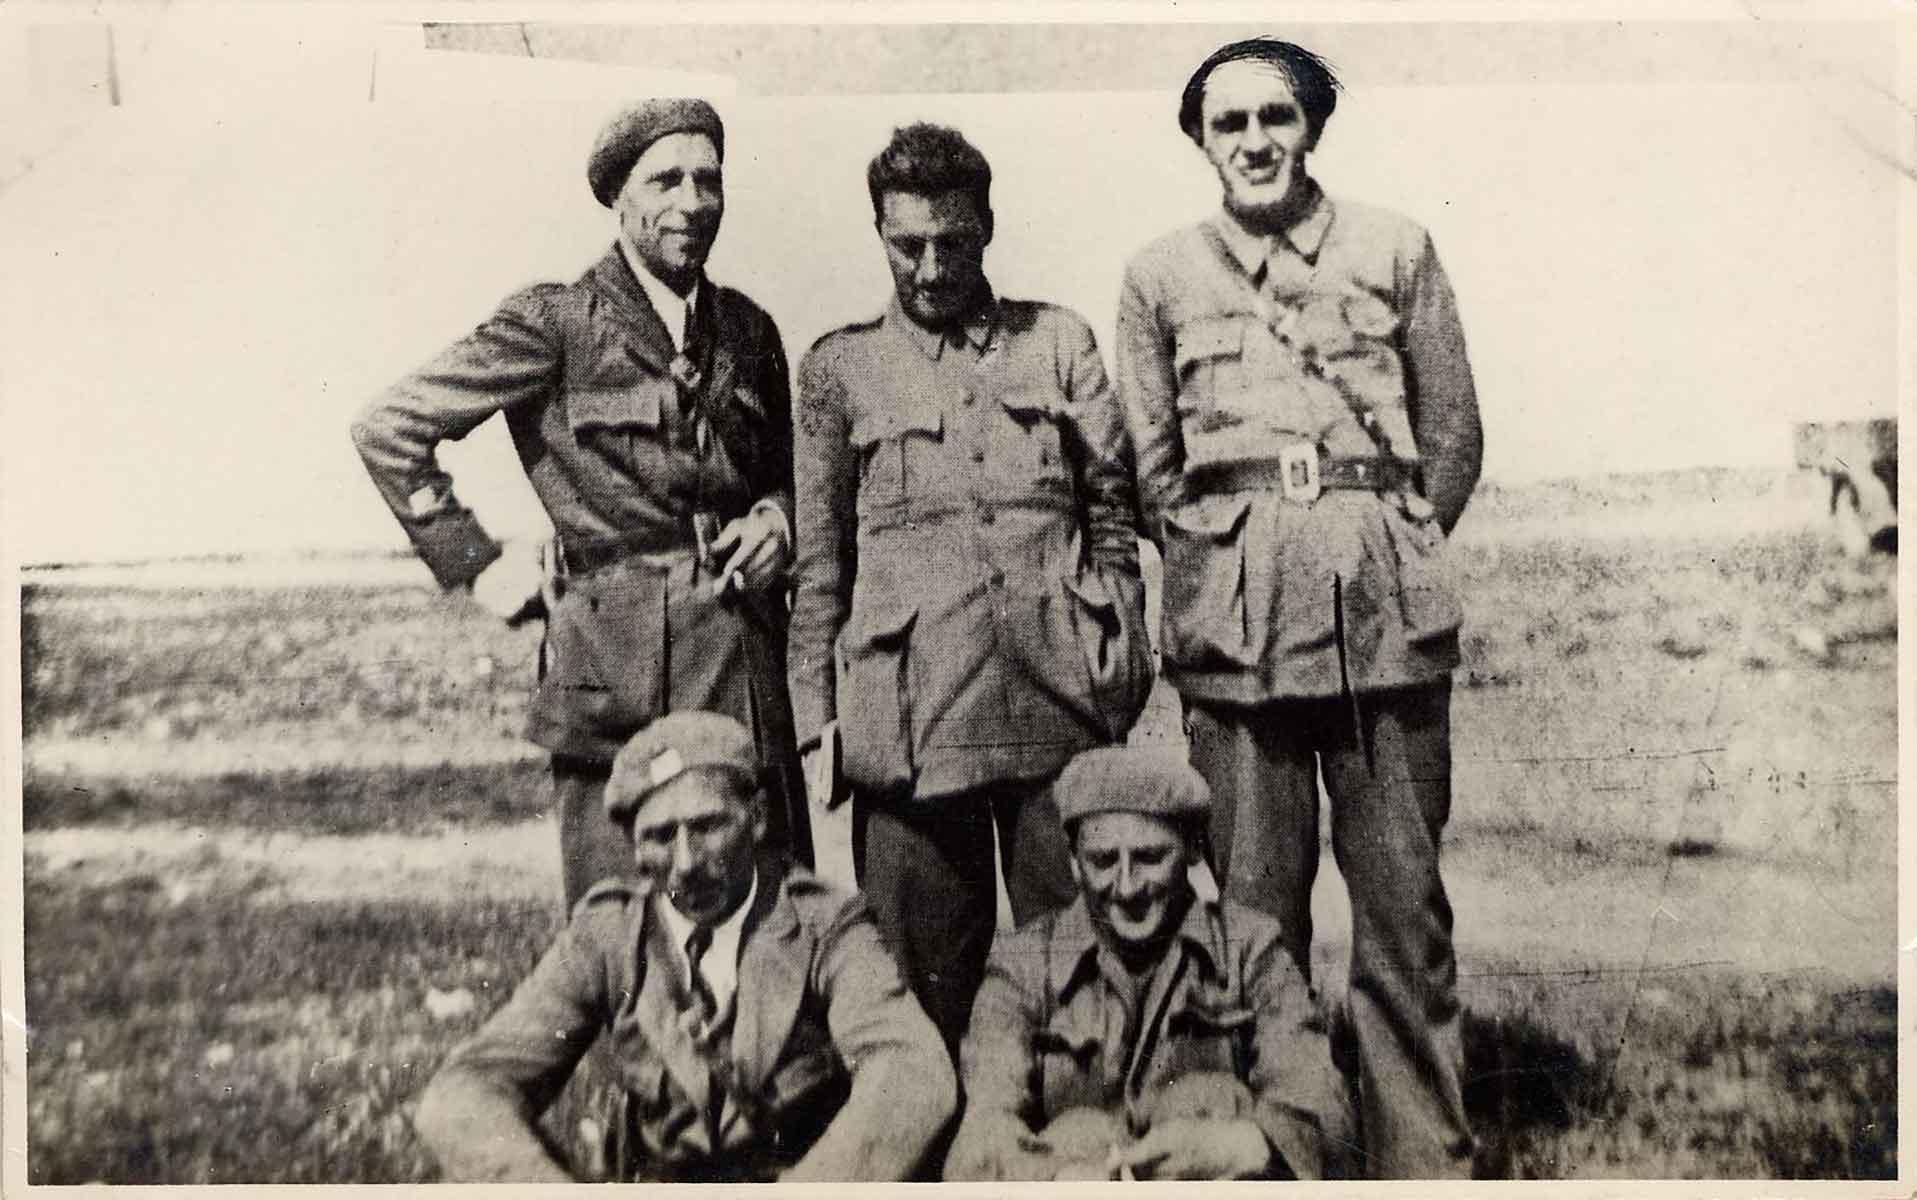 Ritratto-di-gruppo-di-appartenti-alla-Brigata-Garibaldi